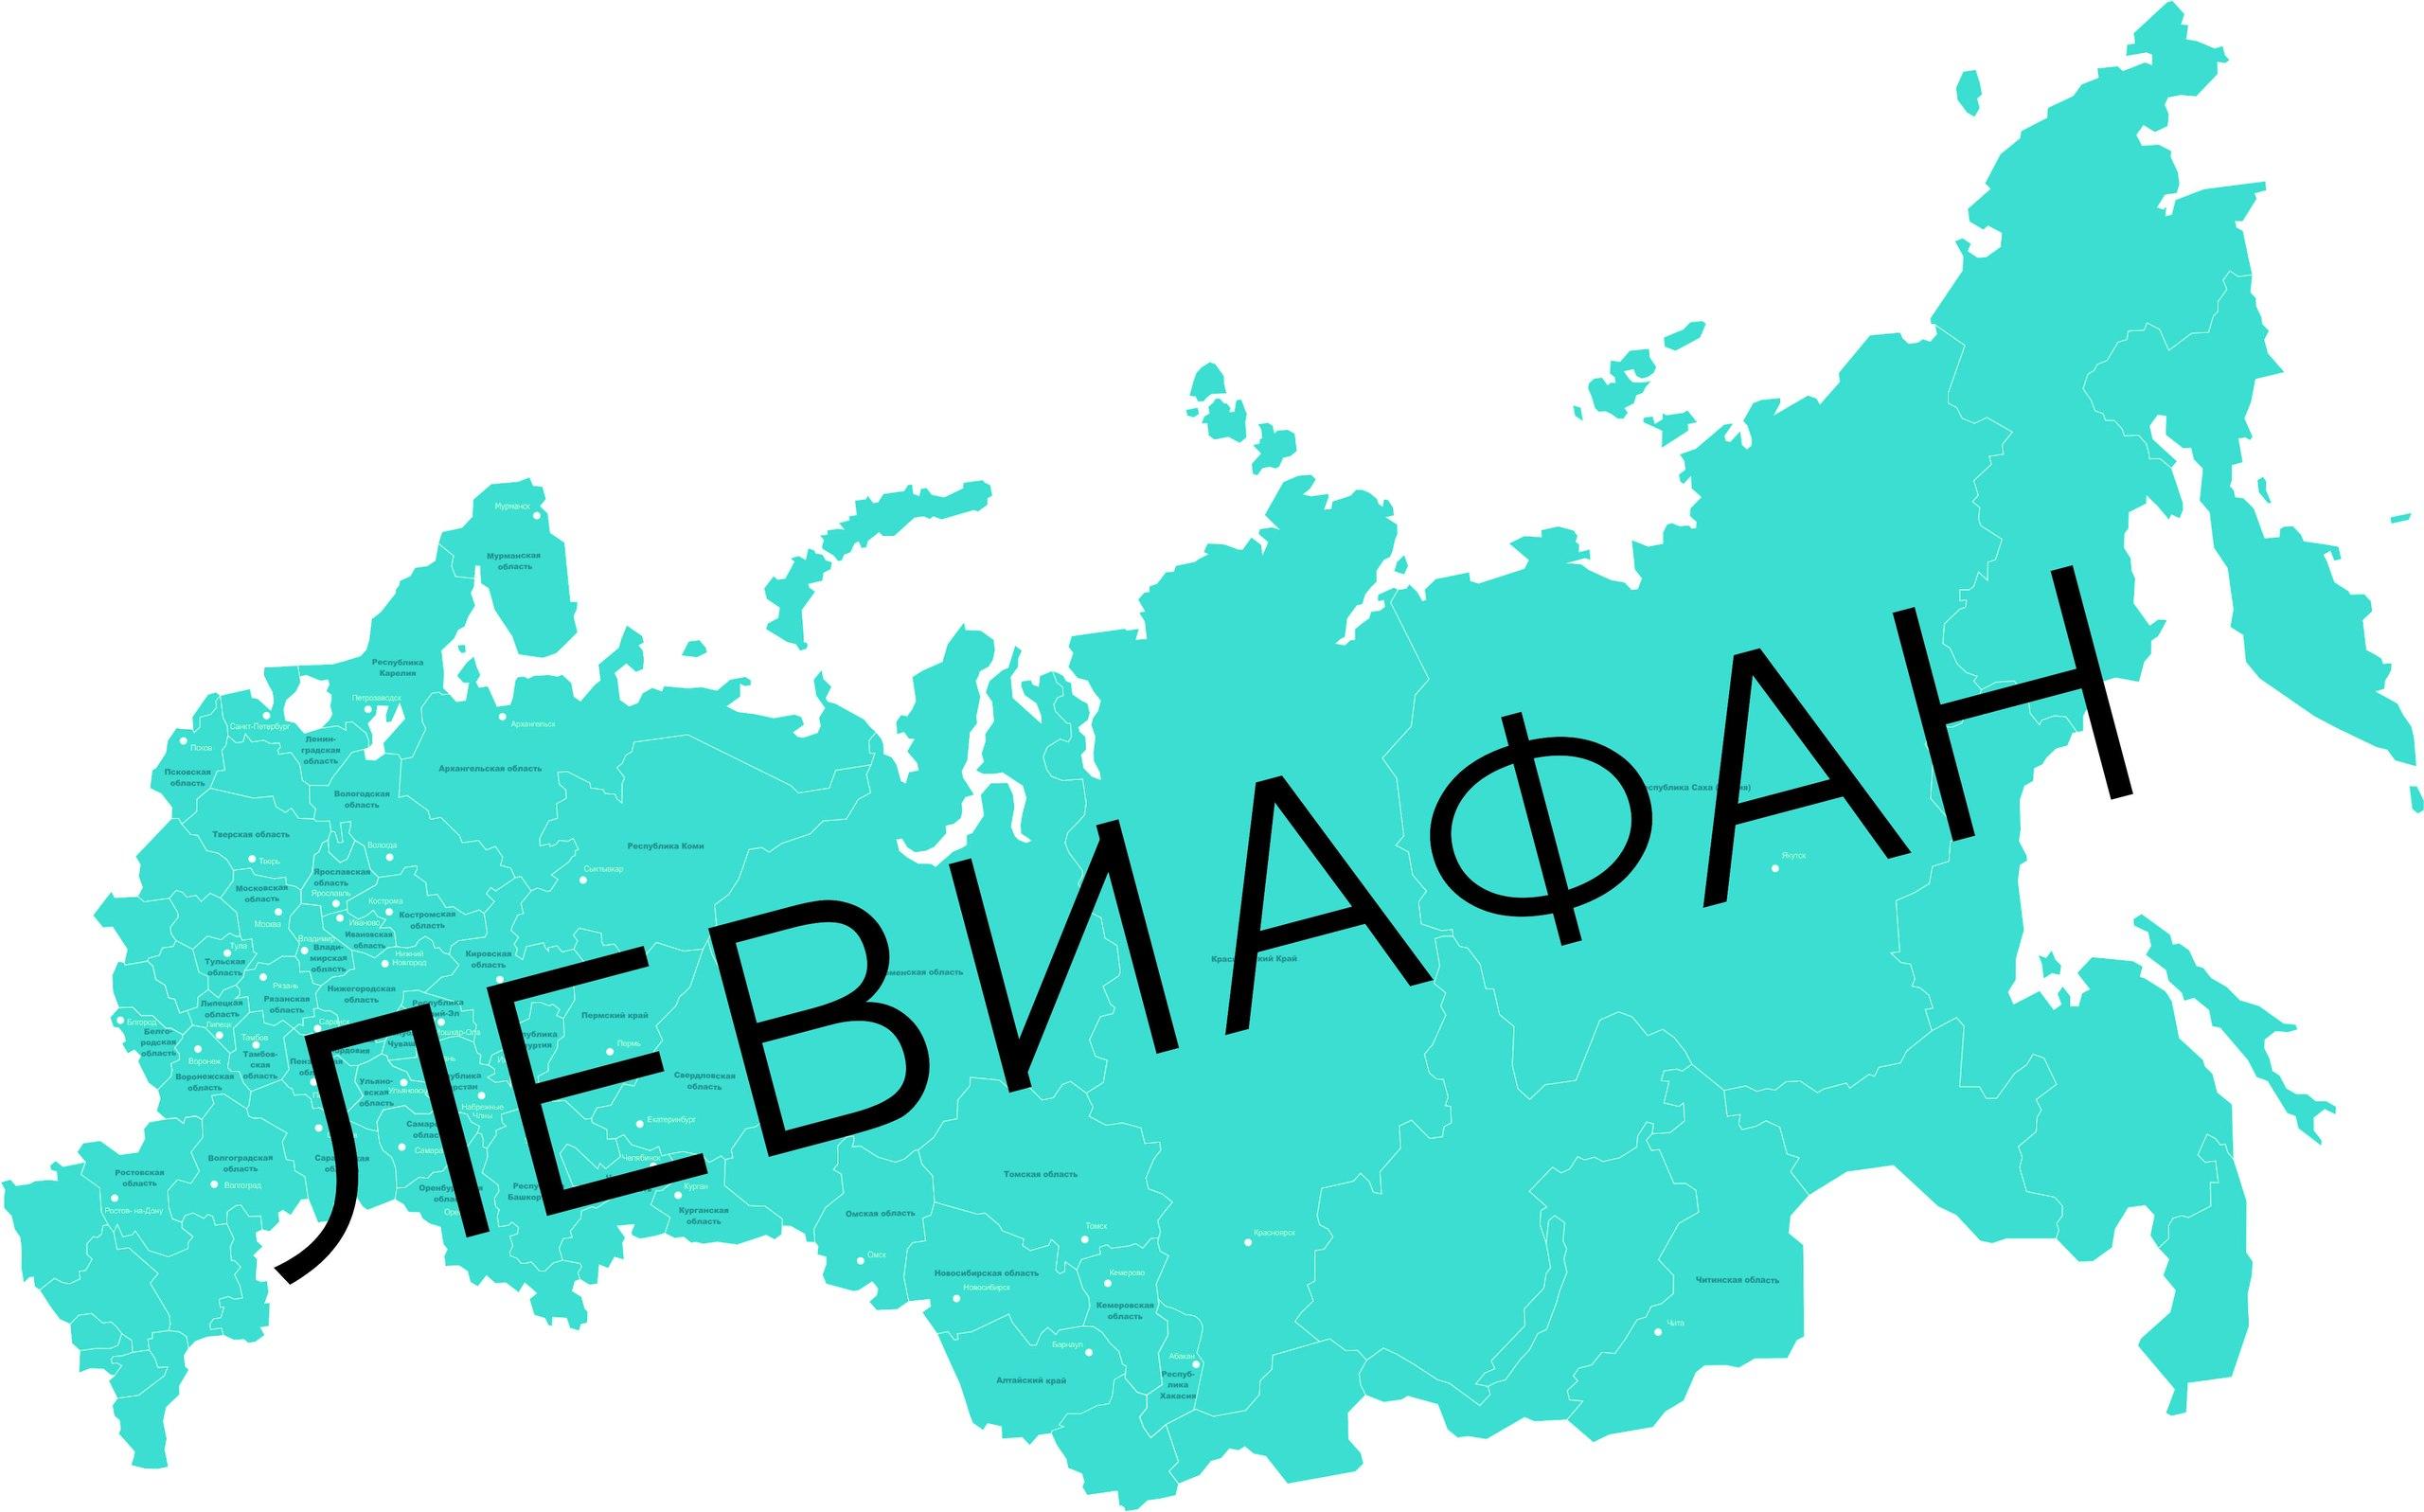 Западные нефтесервисные компании могут поставлять технологии и технику в РФ, несмотря на санкции, - росСМИ - Цензор.НЕТ 4351